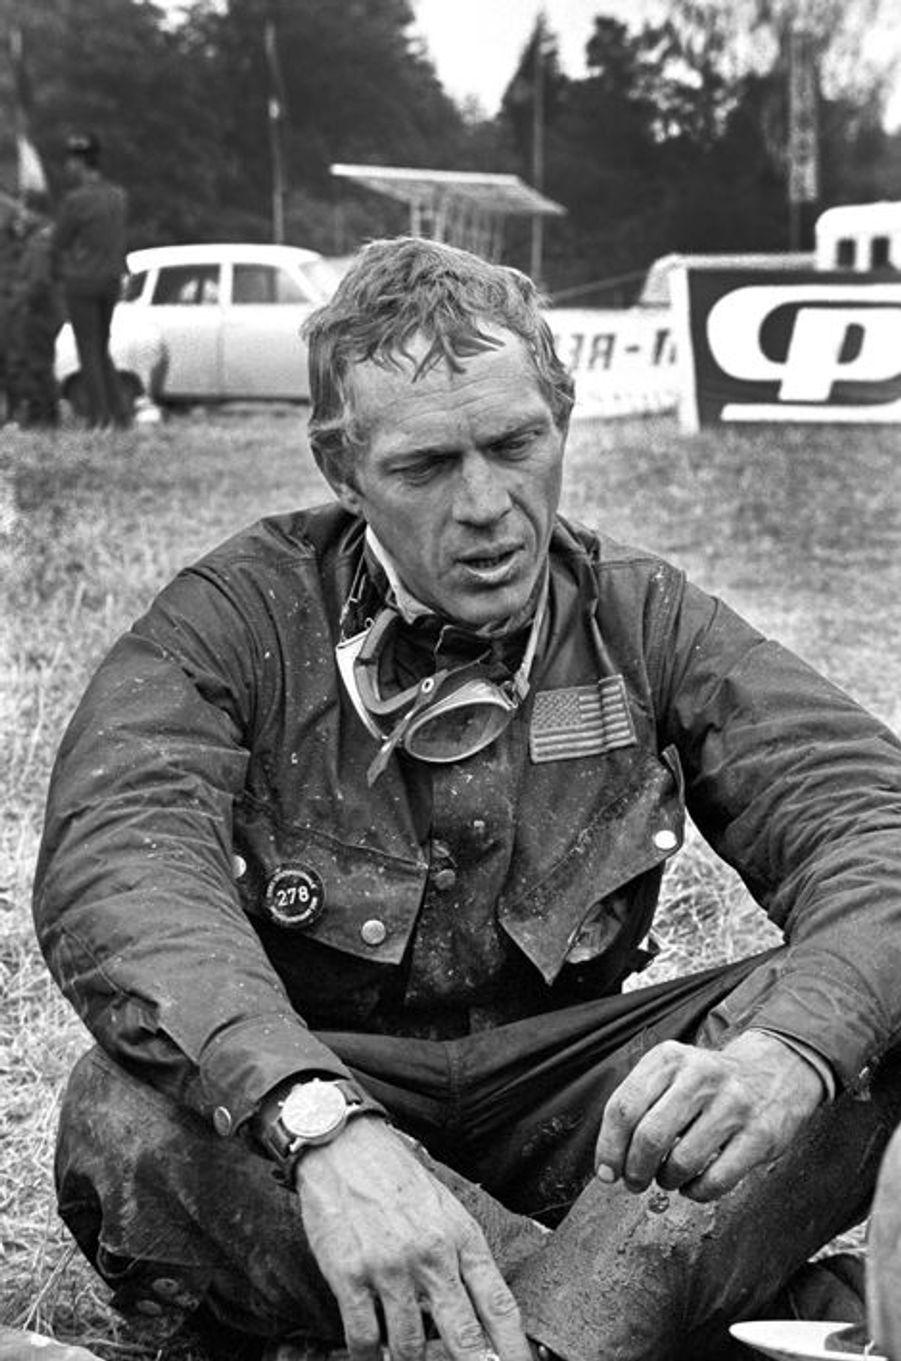 Juillet 1964. Pour Steve McQueen, les vacances c'est les potes, des engins à moteur de toutes cylindrées, et parler pendant des heures de carburateur, et de vitesse de pointe. Ici il est à Erfurt avec son équipe de mécanos, en Allemagne de l'Est pour participer au championnat du monde de moto-cross qui durent six jours. Il y a de la boue, des cigarettes, de la bière et sa bande. Steve est aux anges.